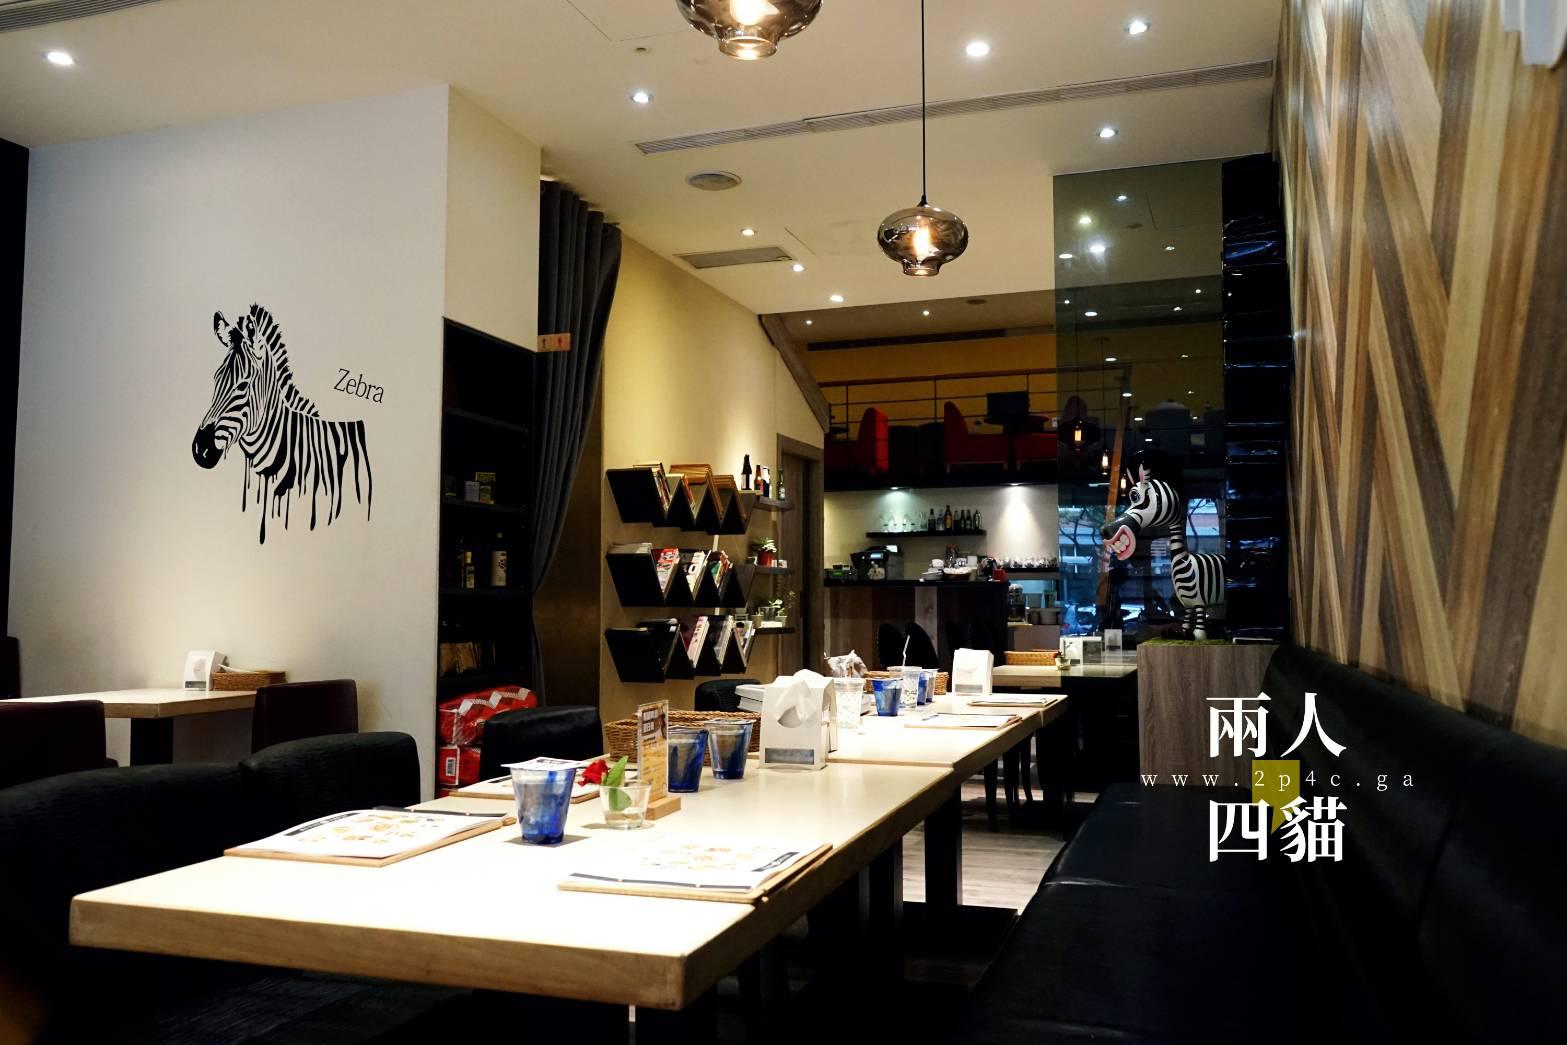 【新竹|美食】工業風格高質感美義餐廳【斑馬騷莎】民族店 水牛城辣雞翅酸辣開胃必點